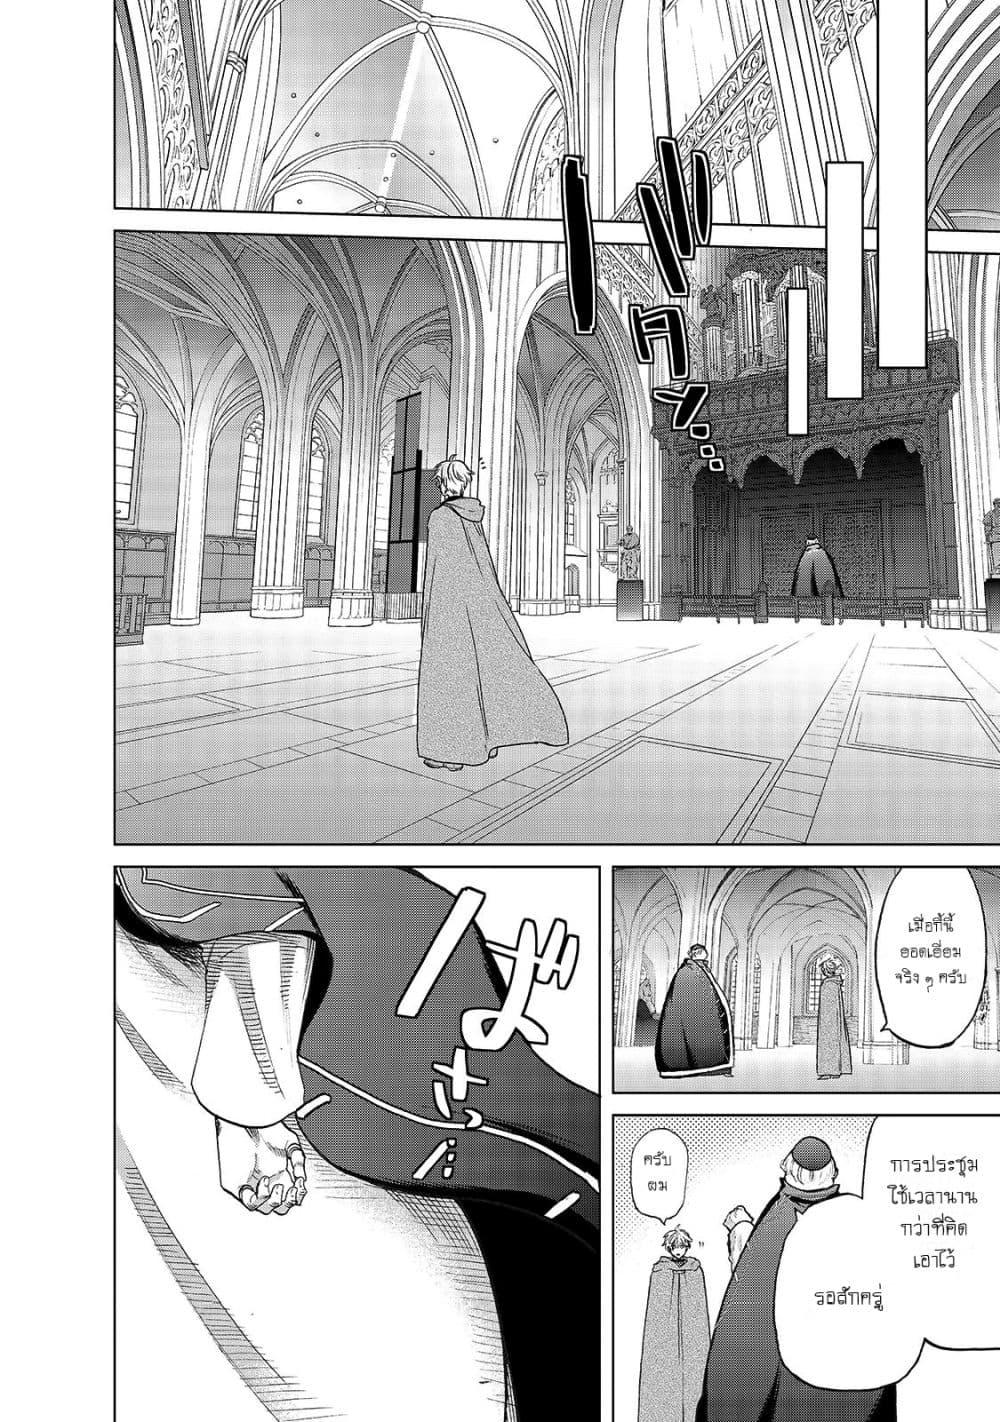 อ่านการ์ตูน Saihate no Paladin ตอนที่ 22 หน้าที่ 12